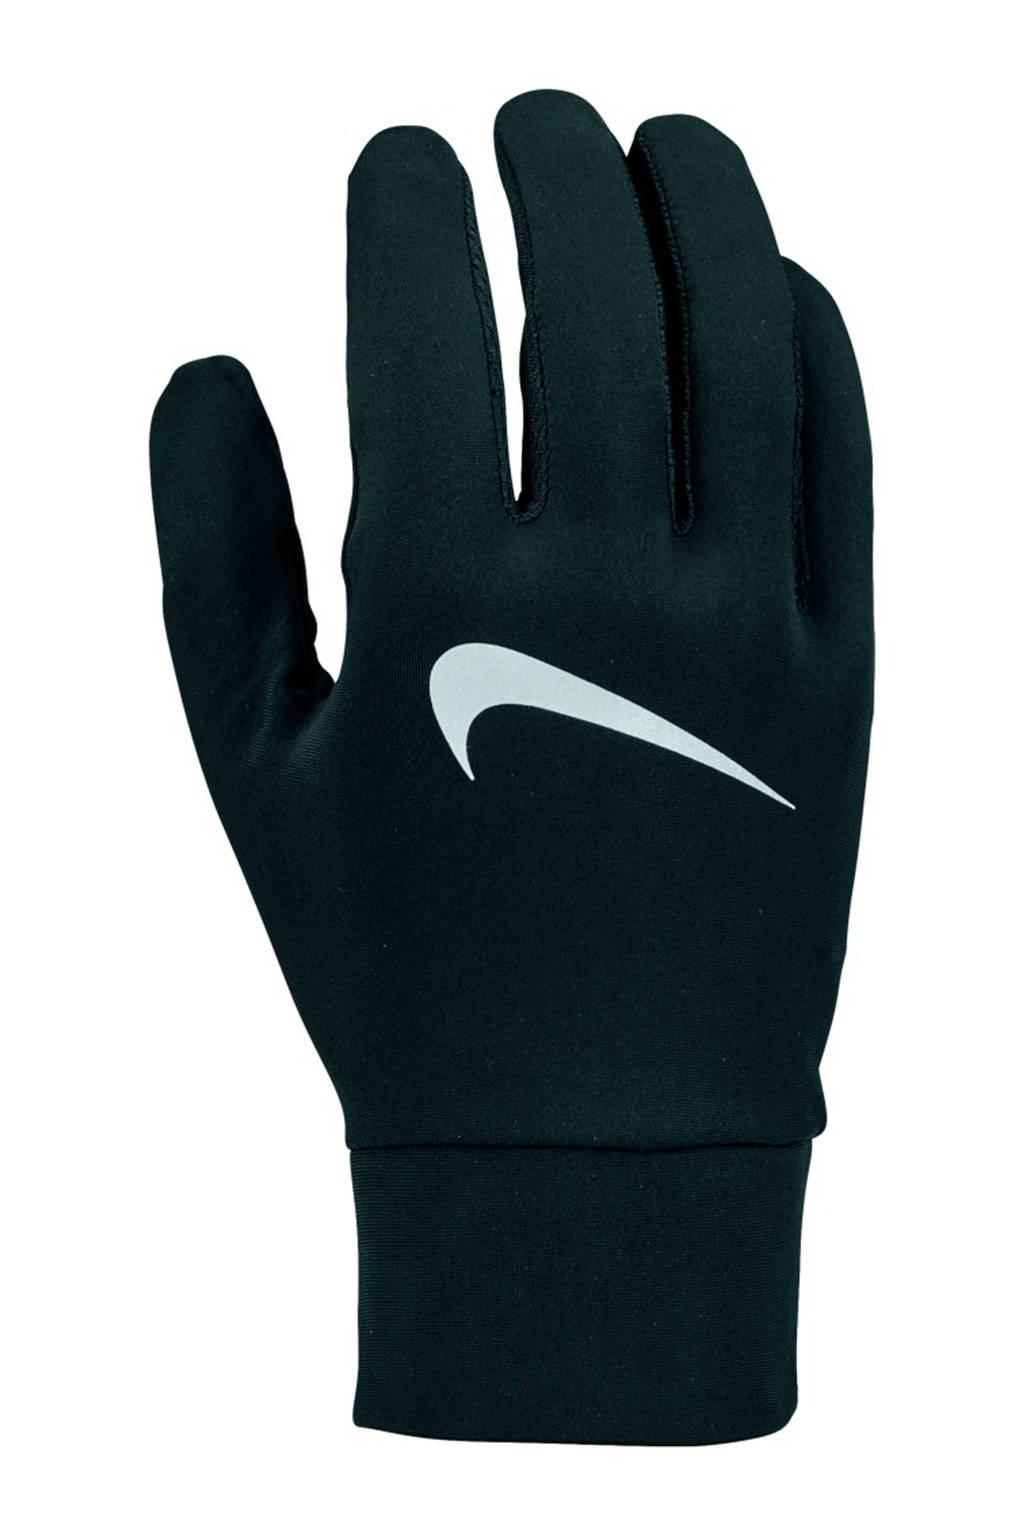 Nike Lightweight Rech handschoenen zwart, Zwart